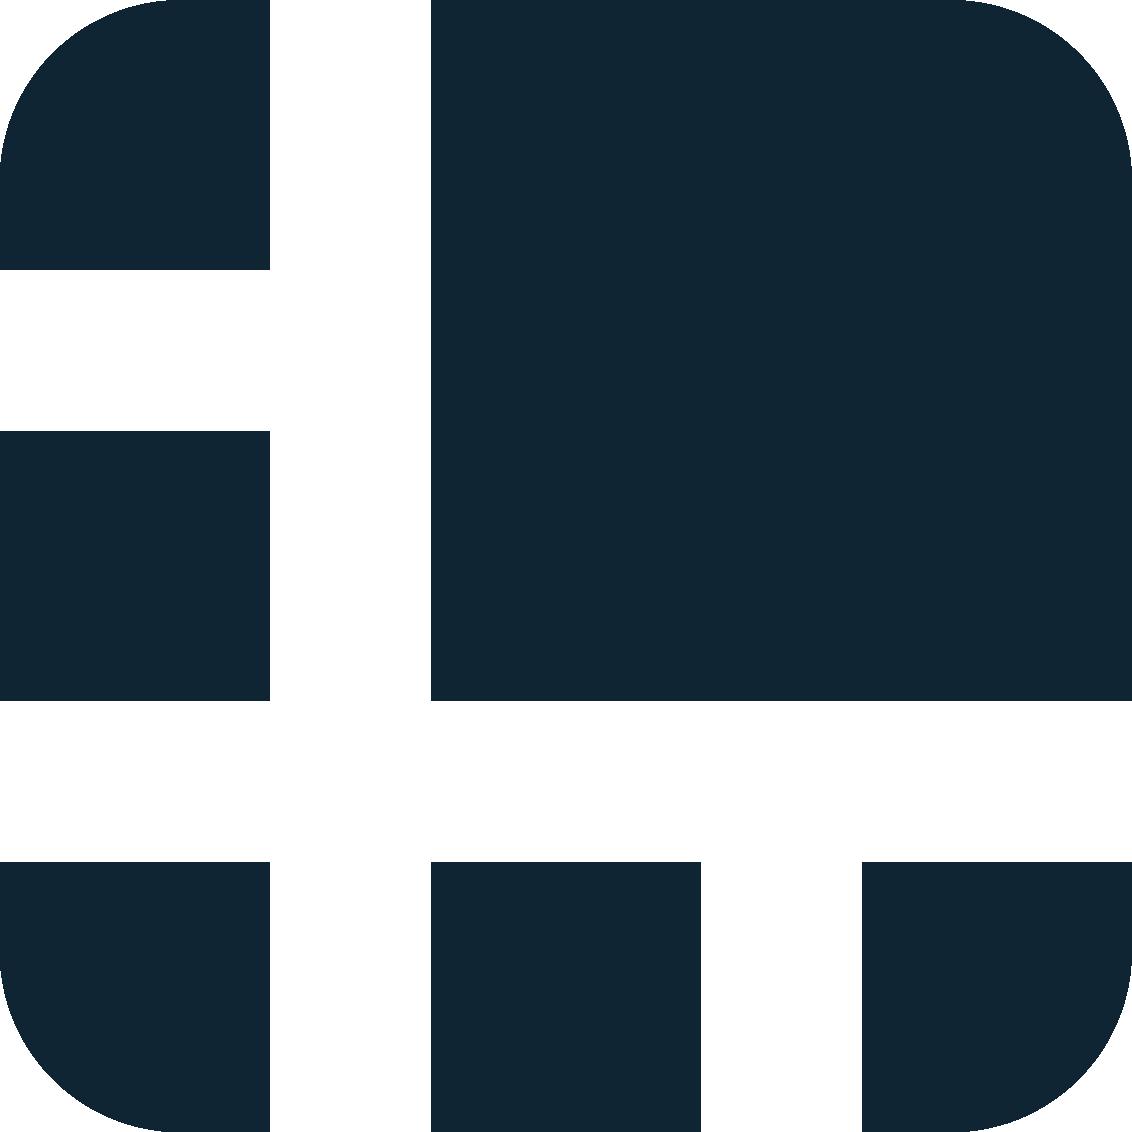 Ledger Wallet Logo